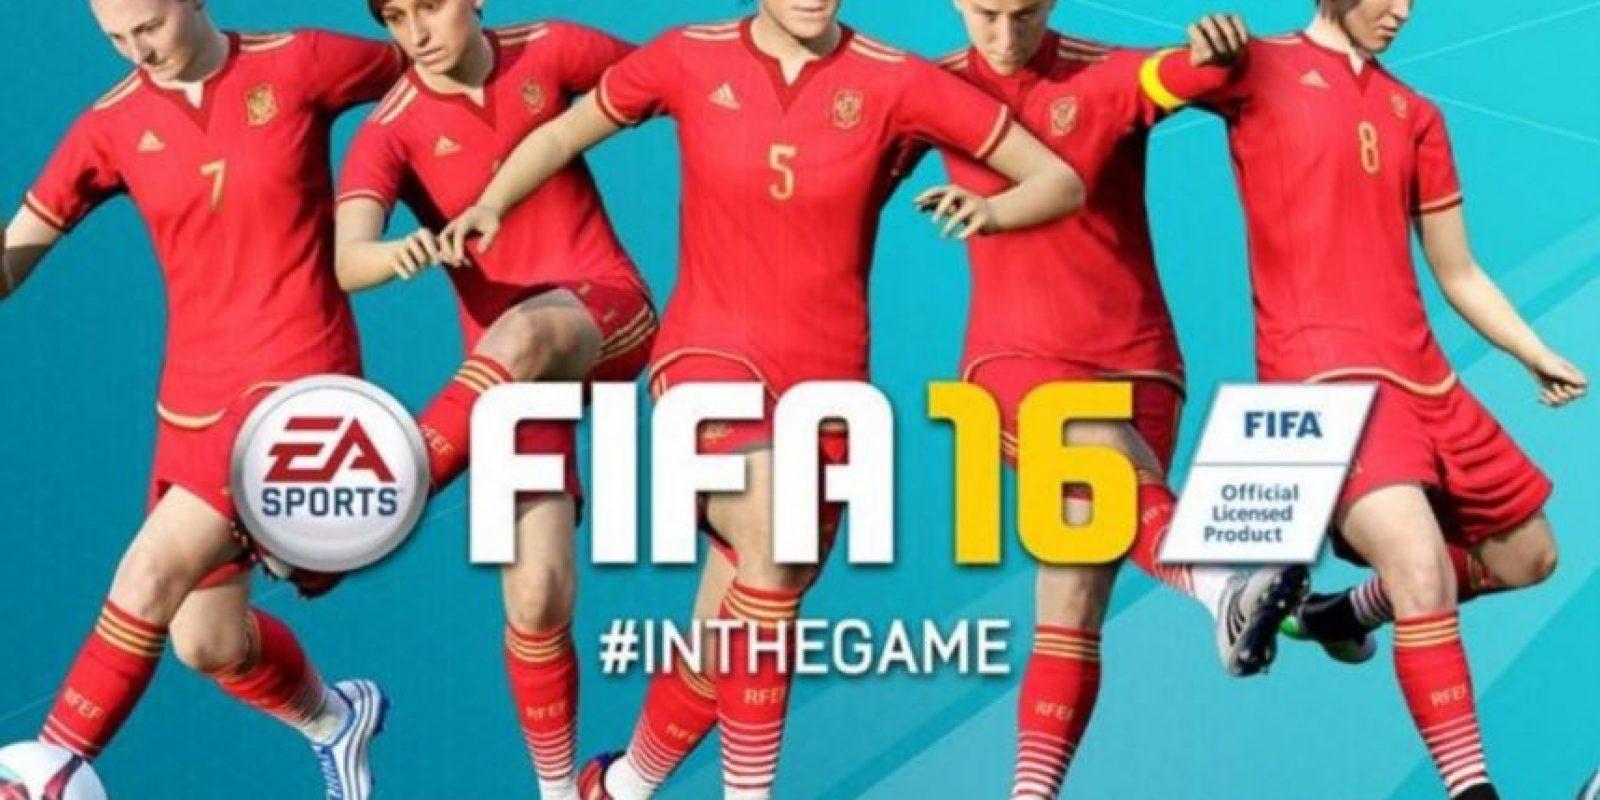 El fútbol femenino llegará por fin la juego. Foto:EA Sports